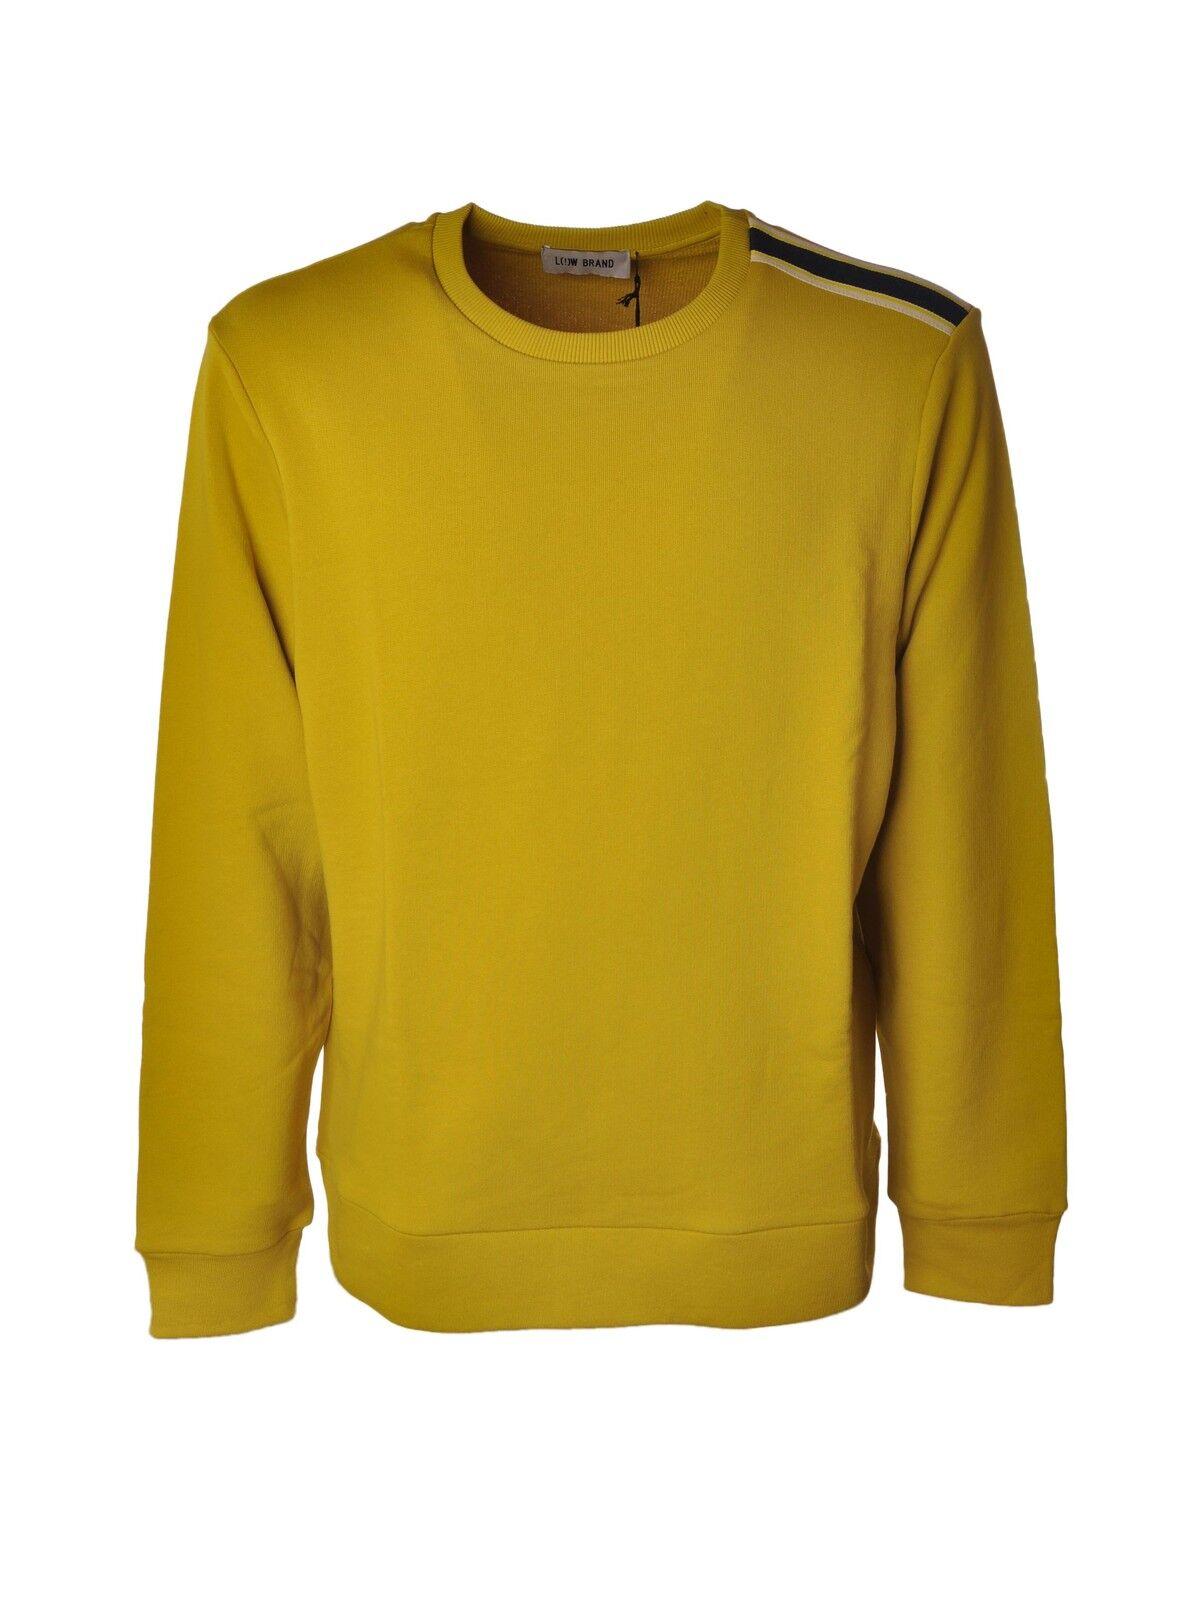 Niedrig Brand  -  Sweatshirts - Male - Gelb - 3831429A184751